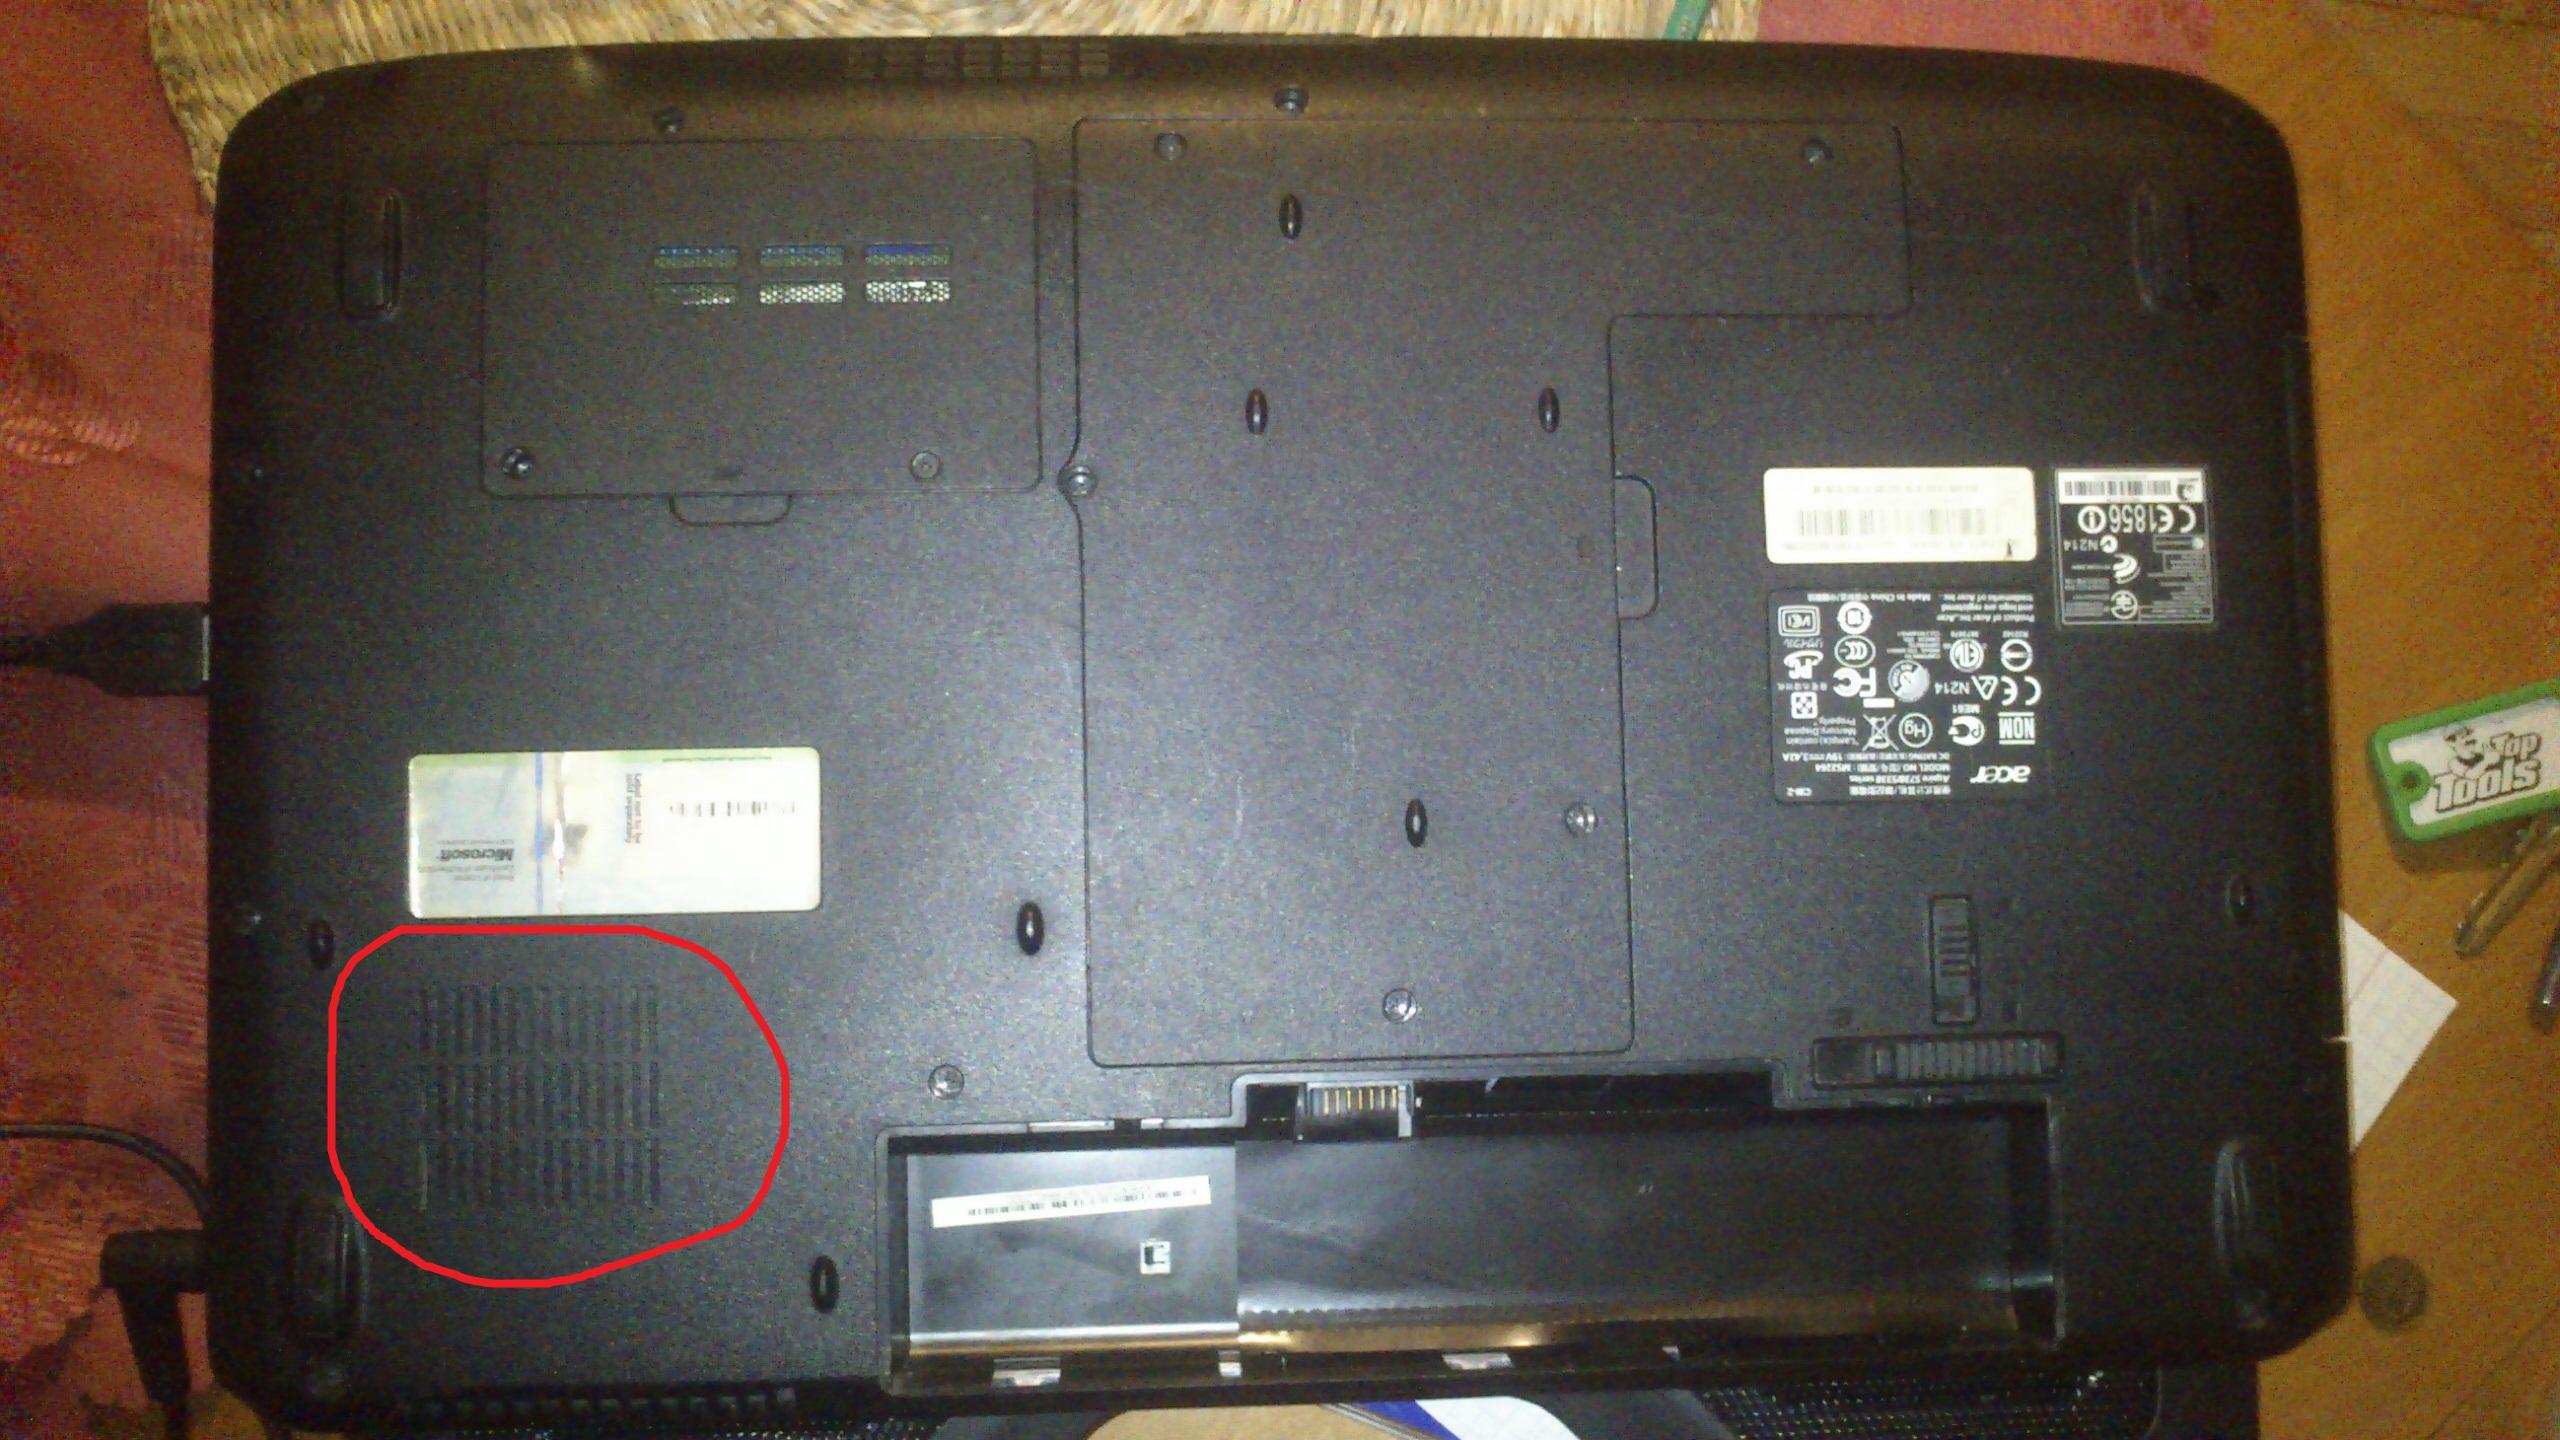 ACER ASPIRE 5733 - Trudna sytuacja z laptopem, prosze pomozcie! / zaawansowani